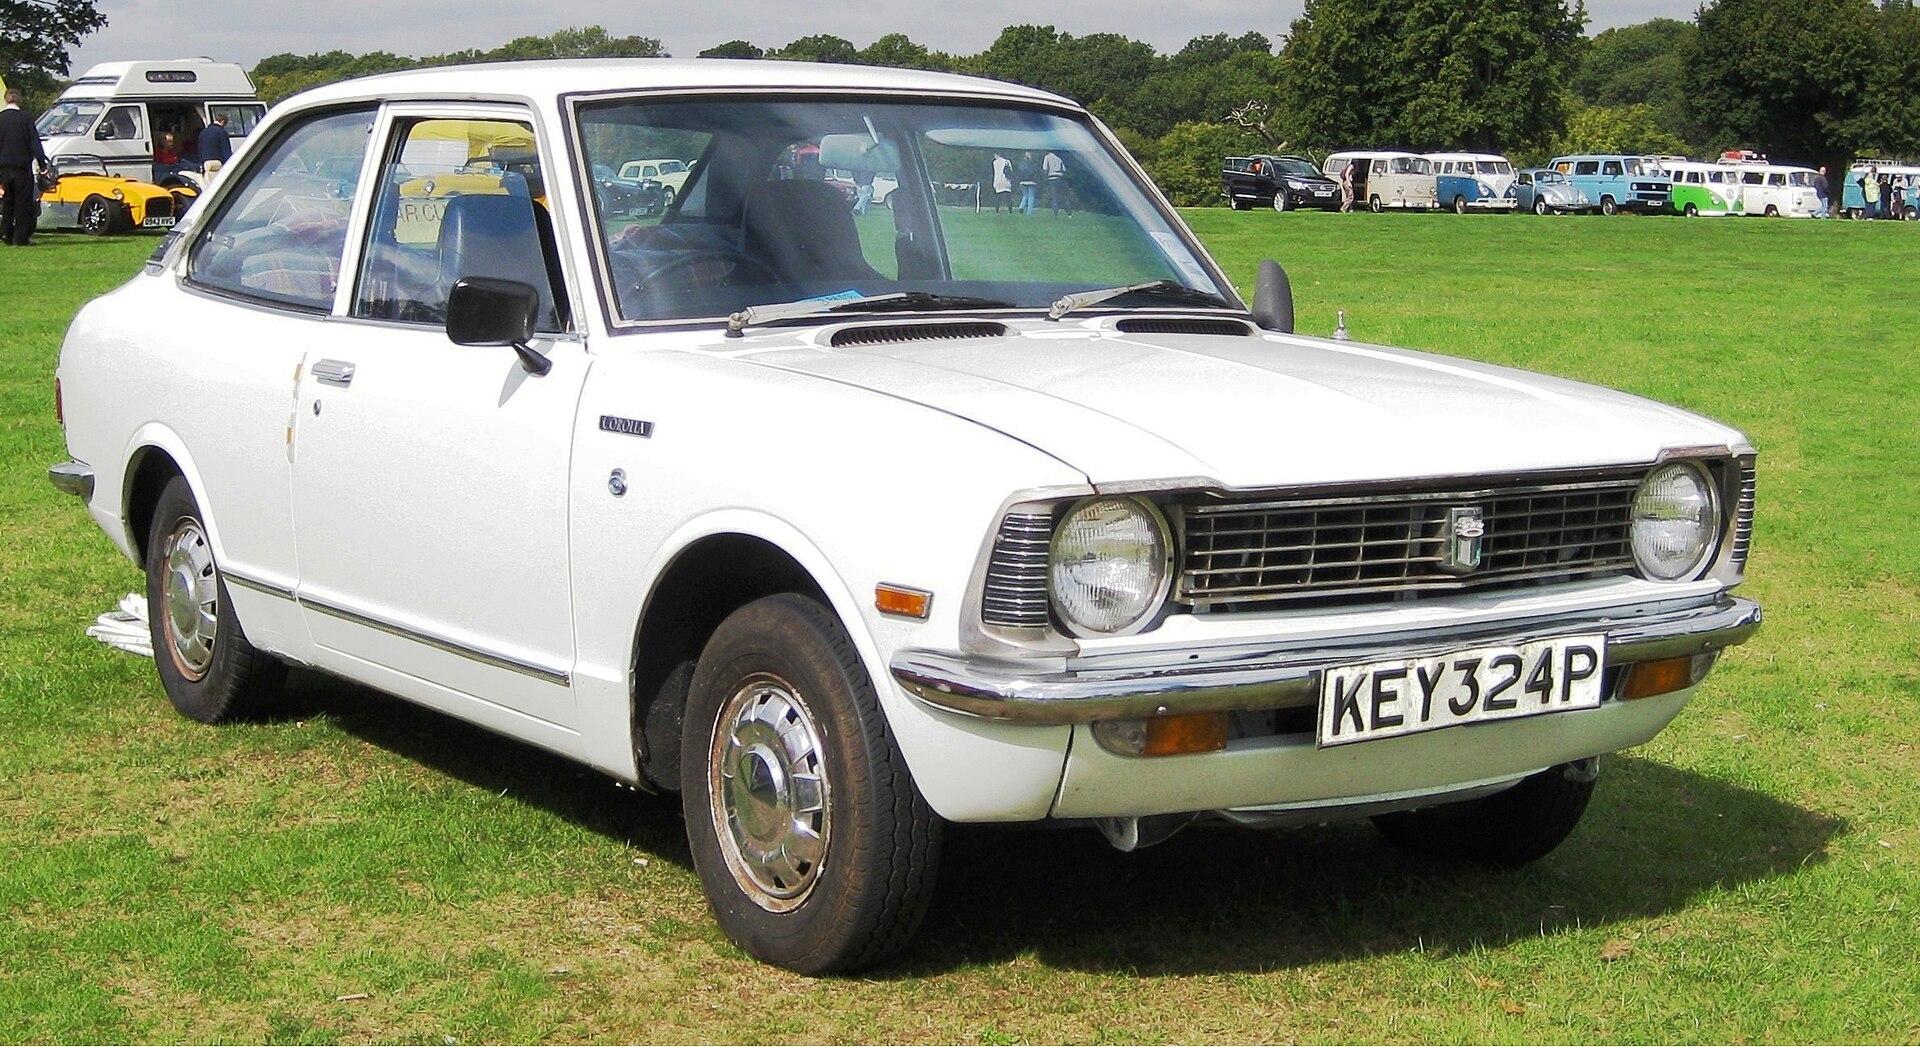 Toyota Corolla (E20) - Wikipedia